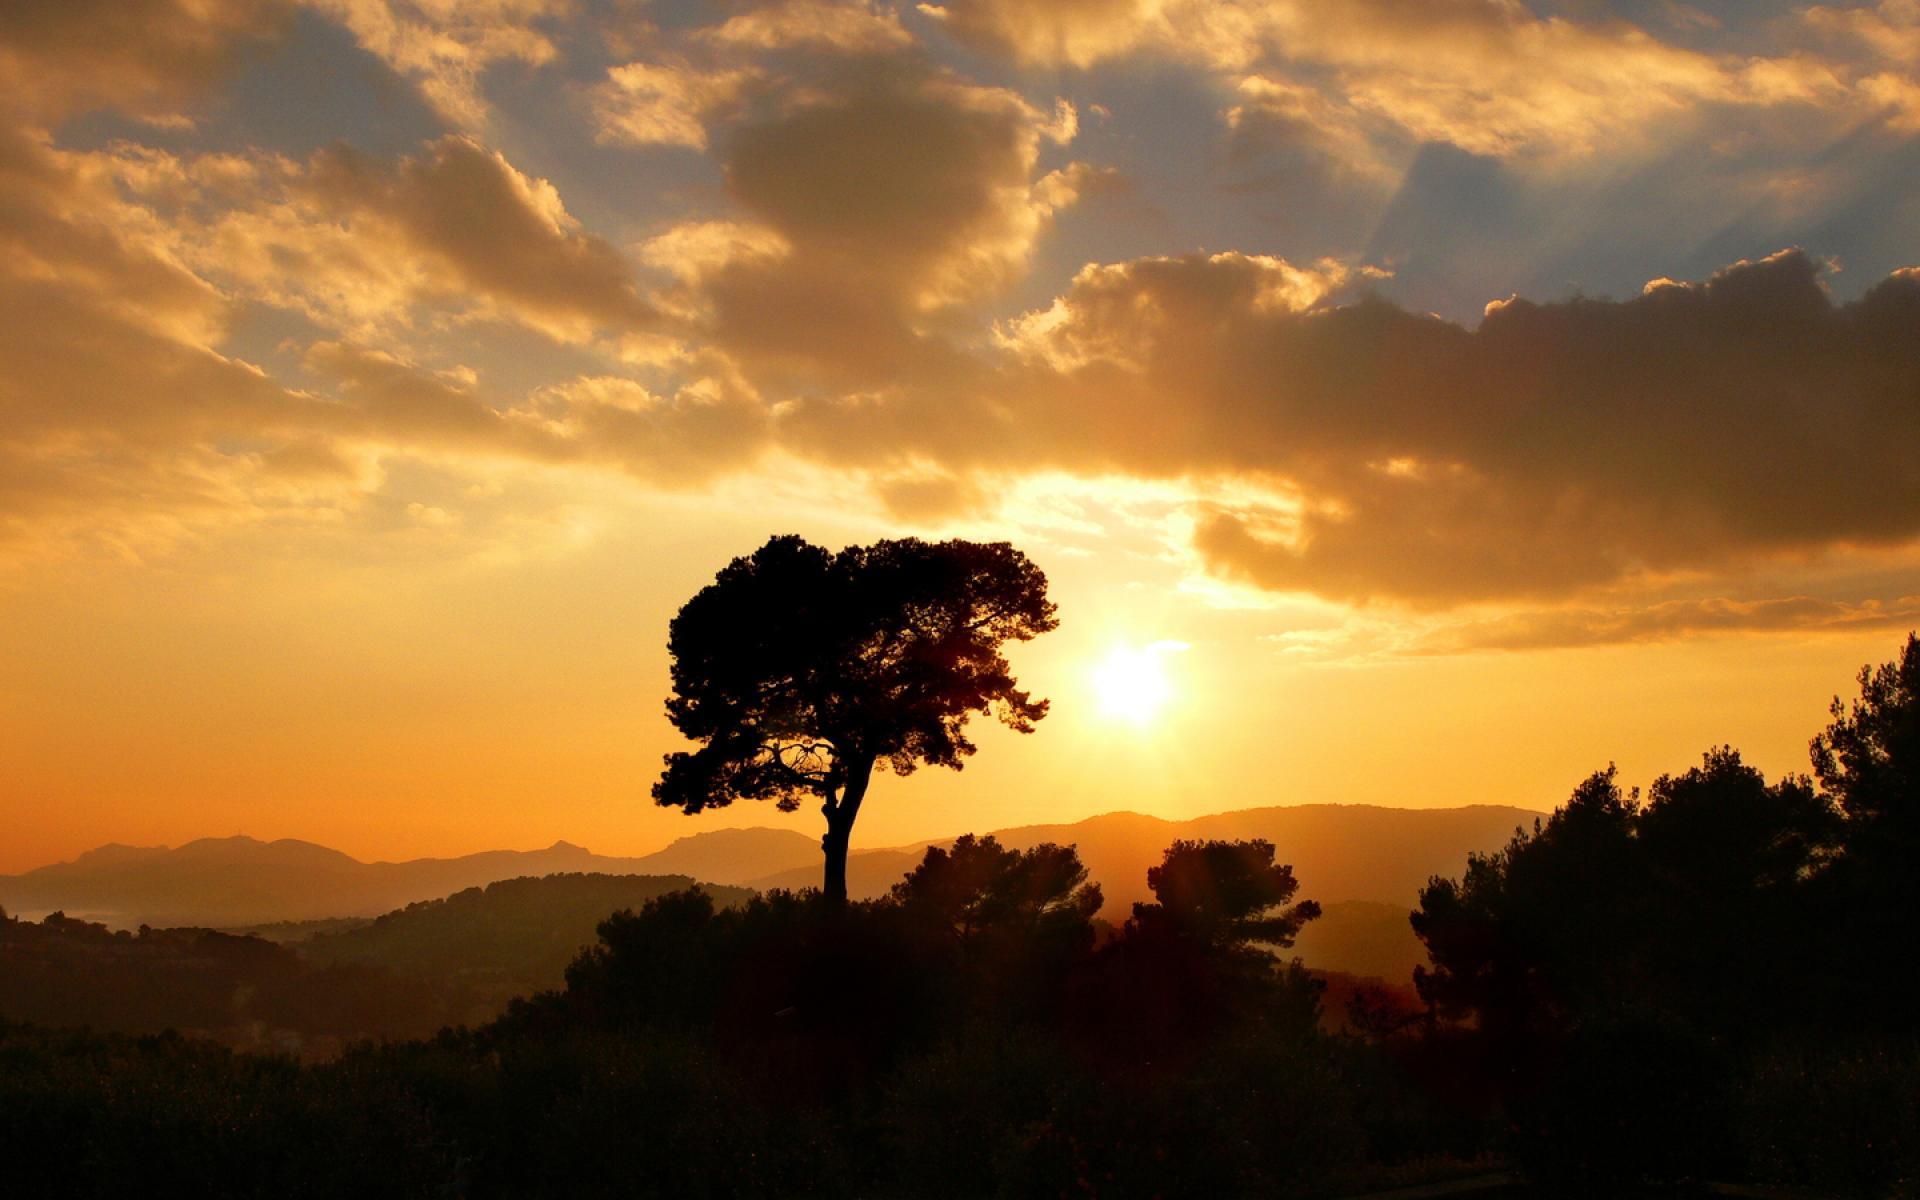 عکس های فوق العاده زیبای طلوع خورشید